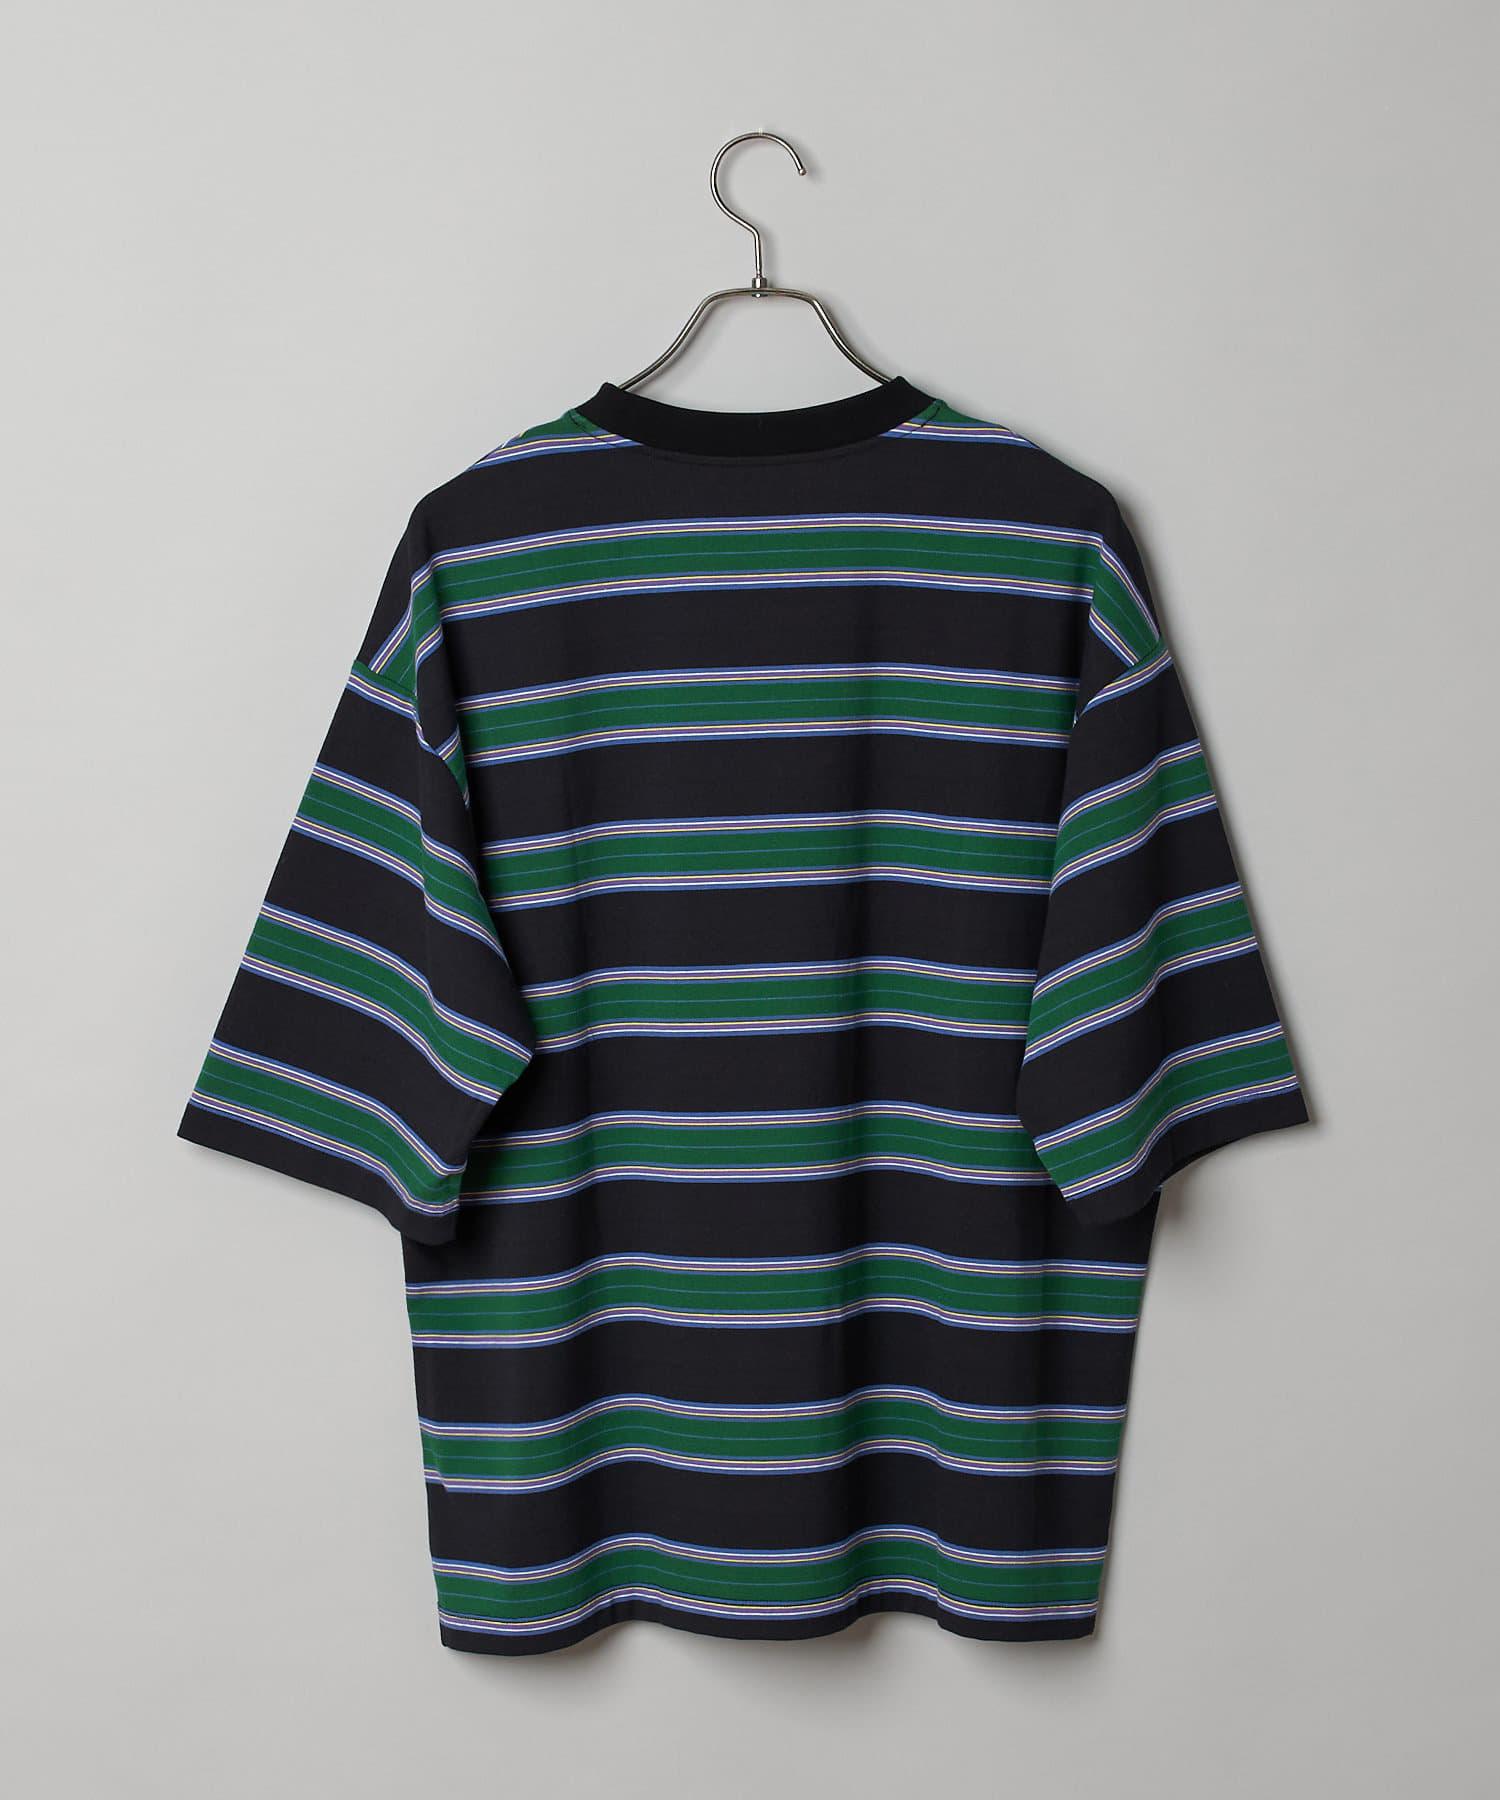 CIAOPANIC(チャオパニック) マルチボーダービッグTシャツ/ビッグシルエットTシャツ